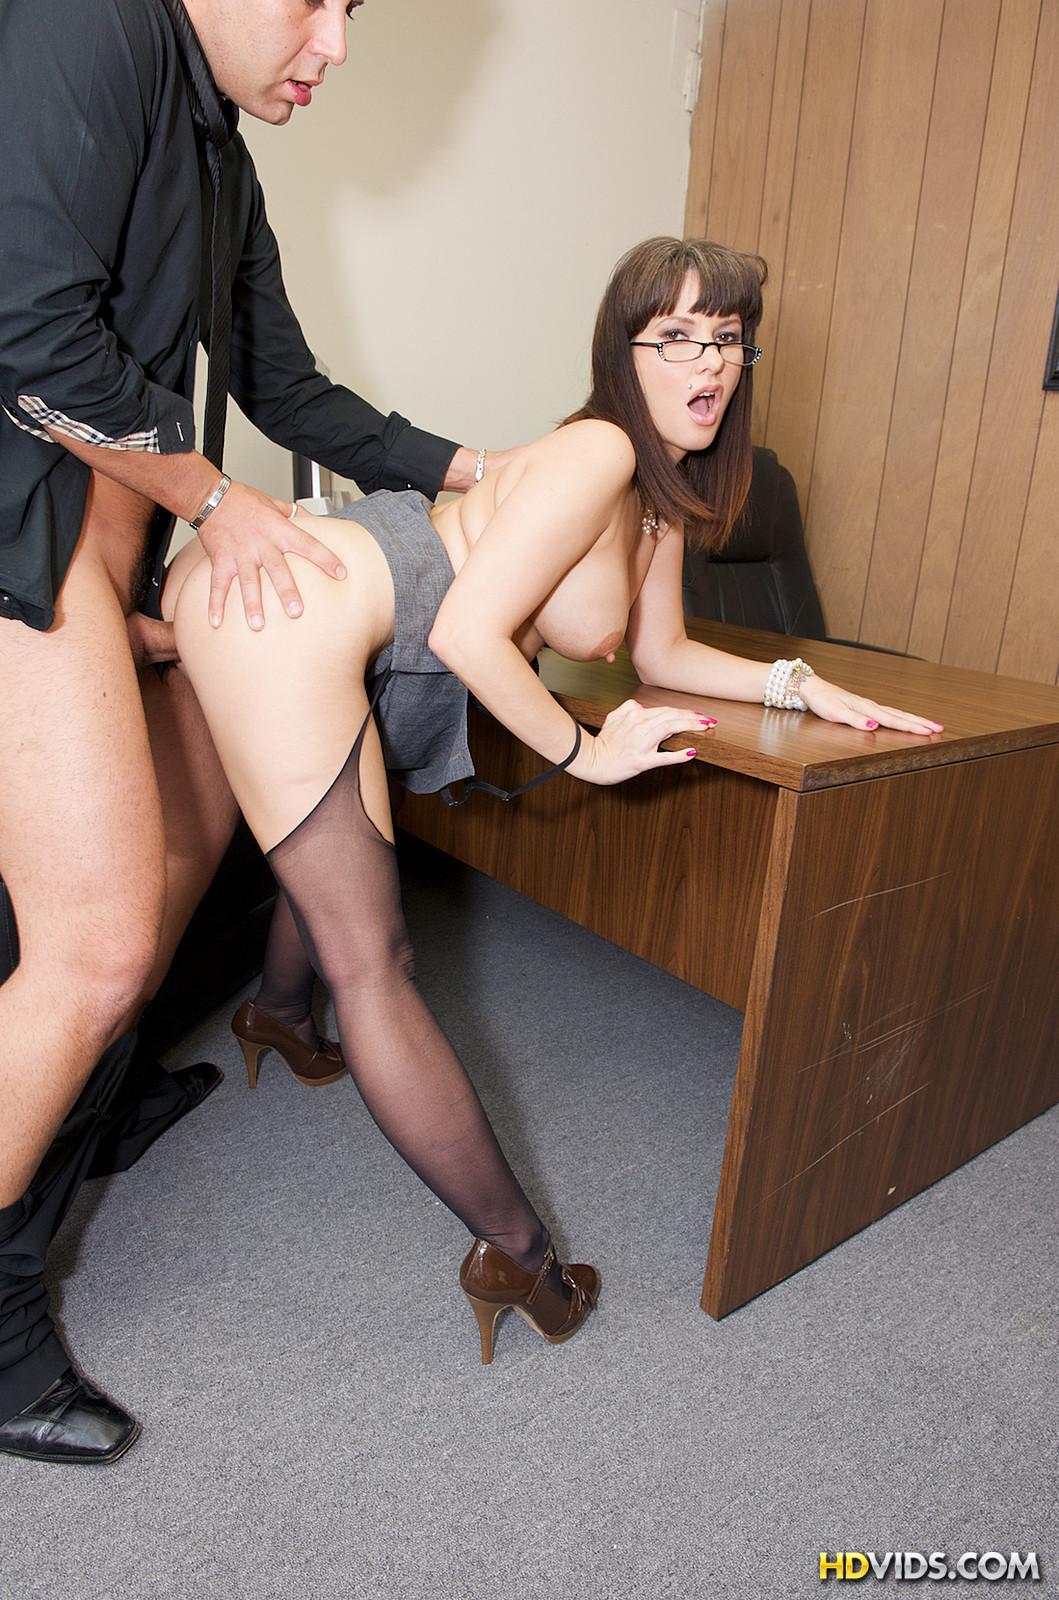 Устроился на работу секретаршей порно 7 фотография